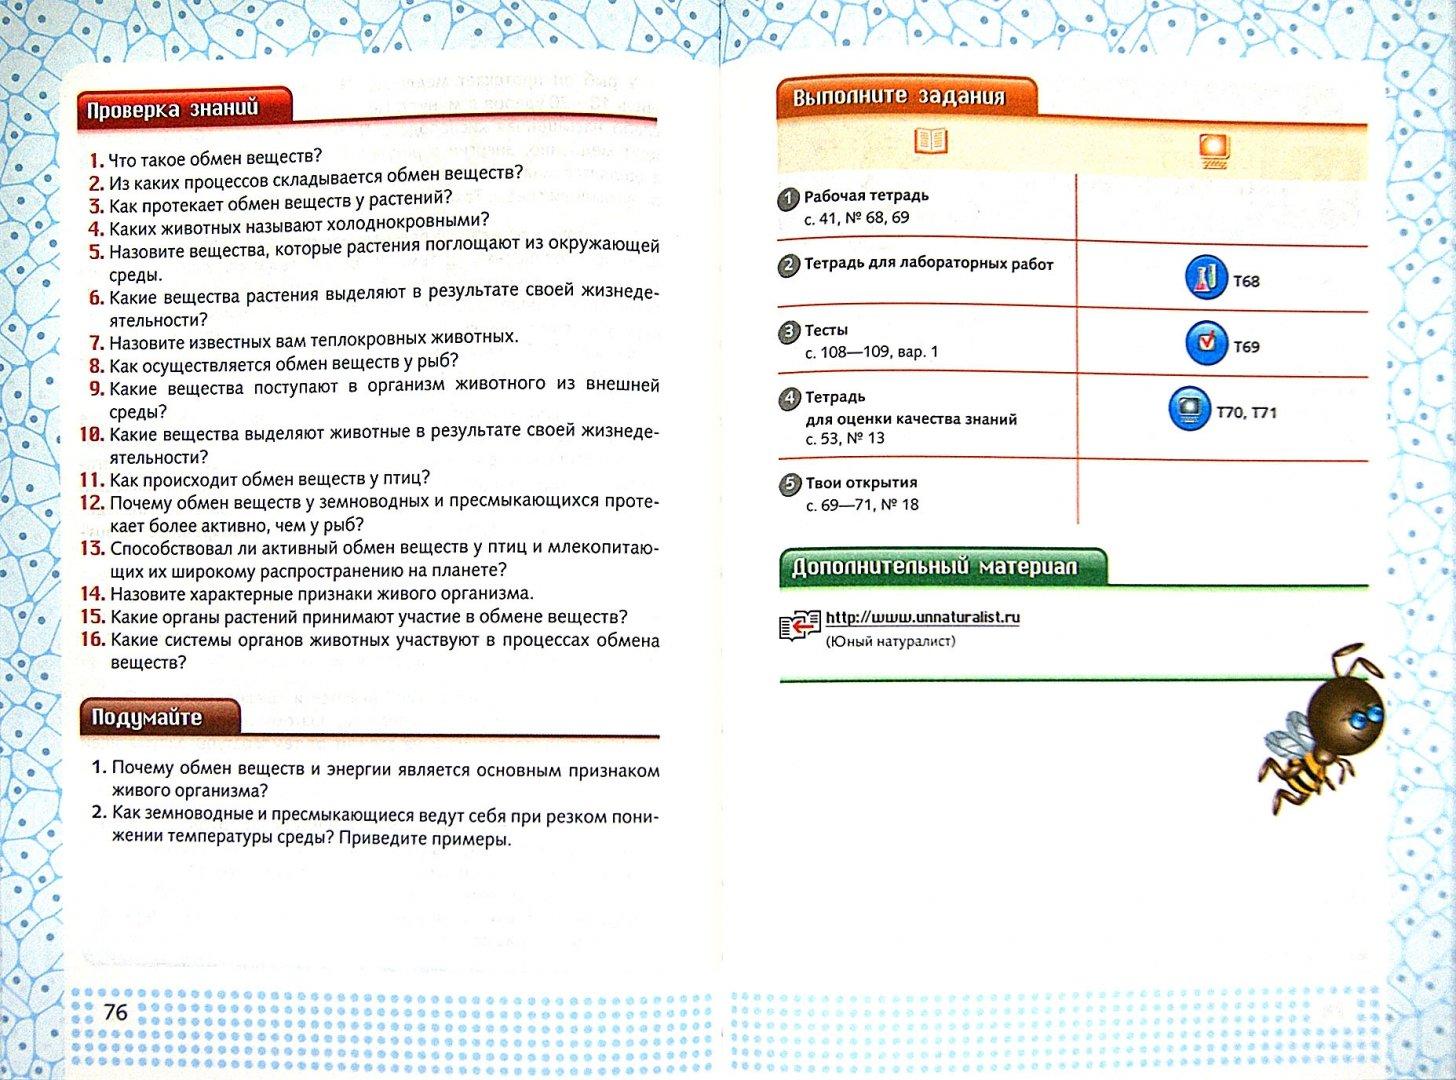 Иллюстрация 1 из 6 для Биология. Живой организм. 6 класс. Учебник. ФГОС (+CD) - Владислав Сивоглазов | Лабиринт - книги. Источник: Лабиринт